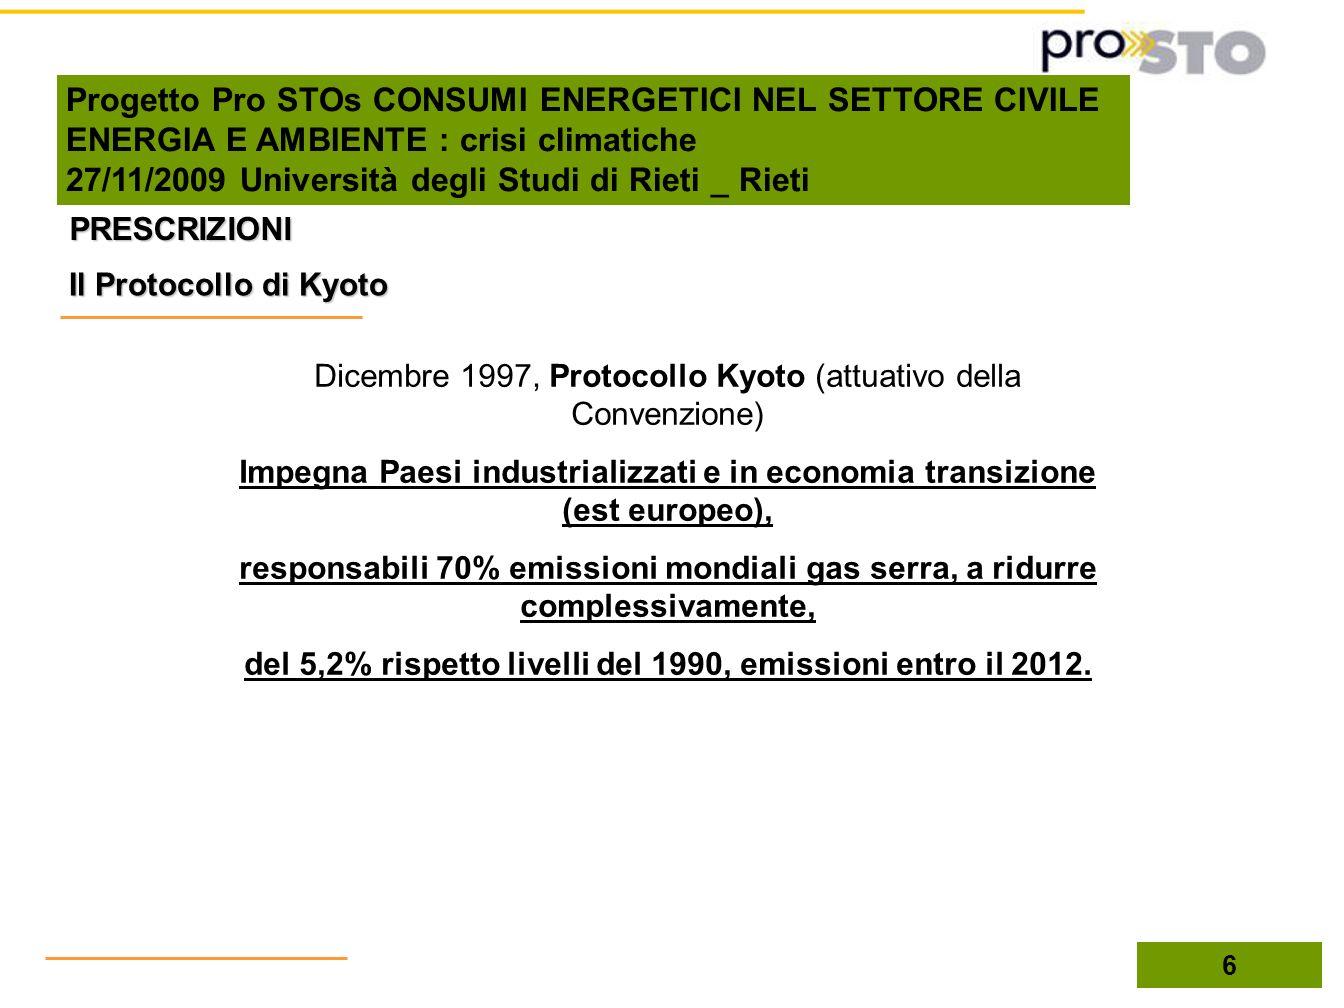 6 PRESCRIZIONI Dicembre 1997, Protocollo Kyoto (attuativo della Convenzione) Impegna Paesi industrializzati e in economia transizione (est europeo), r